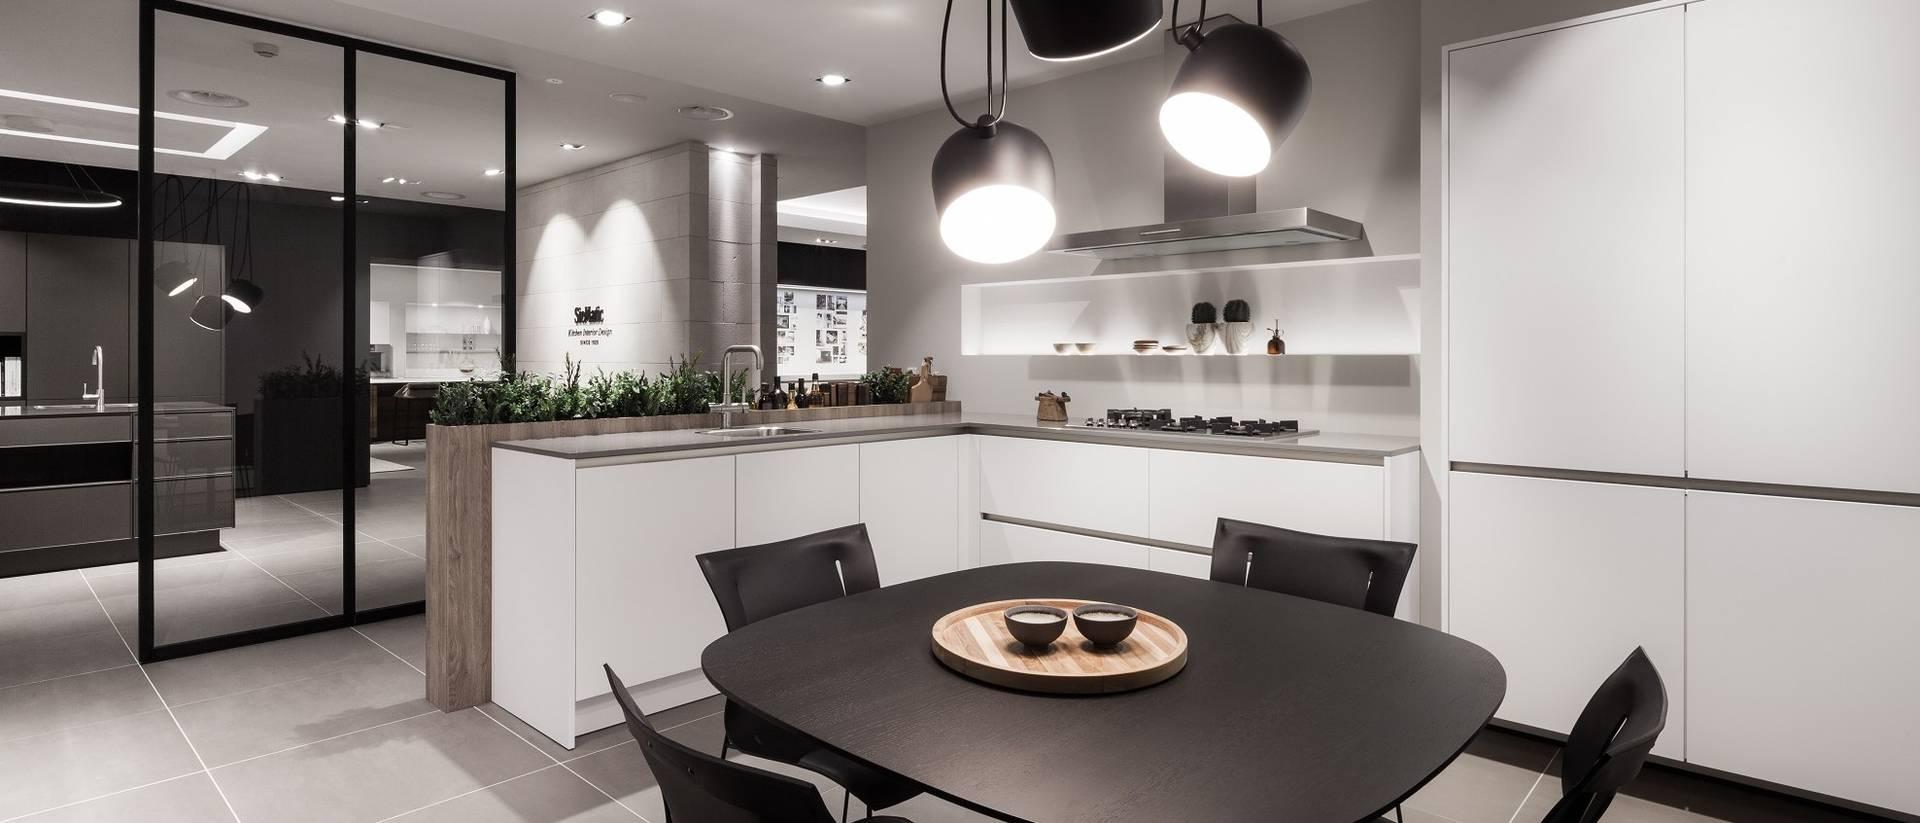 SieMatic keukens showrooms: laat u door het individuele SieMatic-keukendesign inspireren!